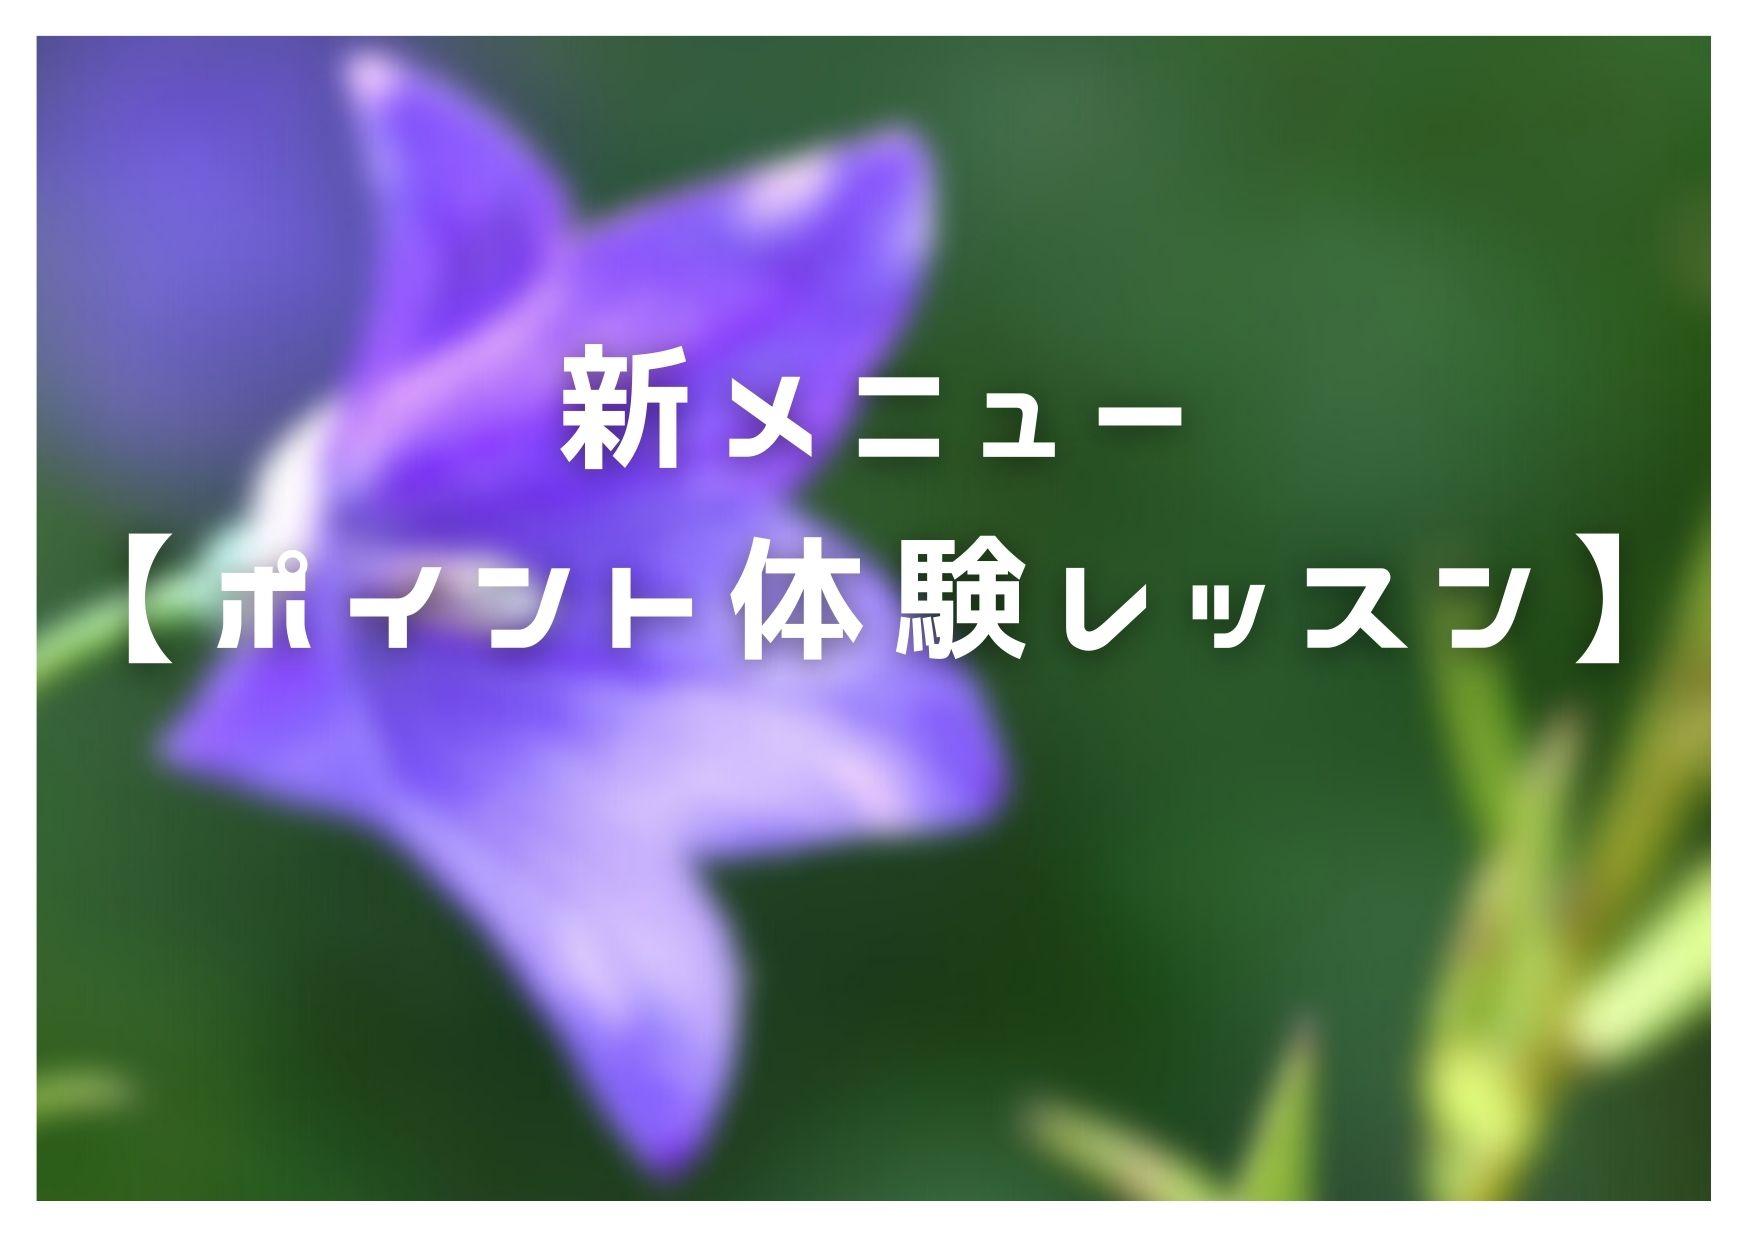 新メニュー【ポイント体験レッスン】